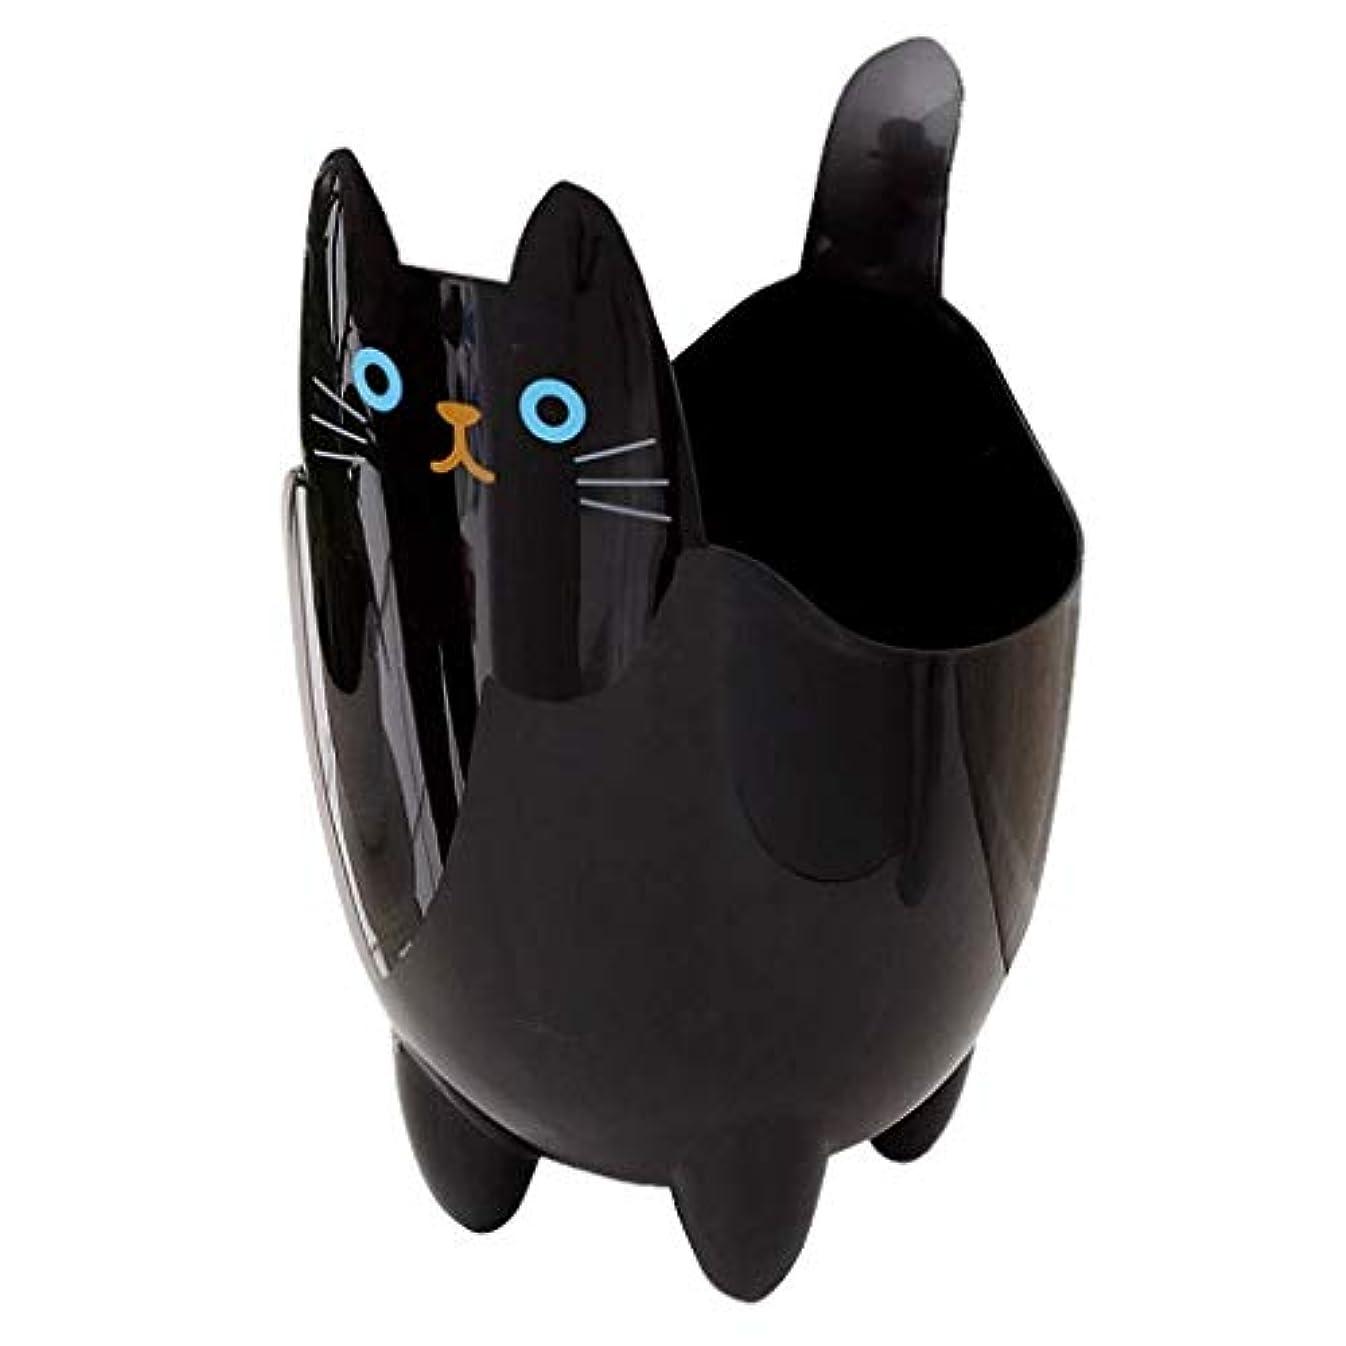 シリンダーダッシュ取り替えるオフィスの浴室の居間のための創造的な収納収納バケツかわいい猫のゴミ箱 (Color : Black)